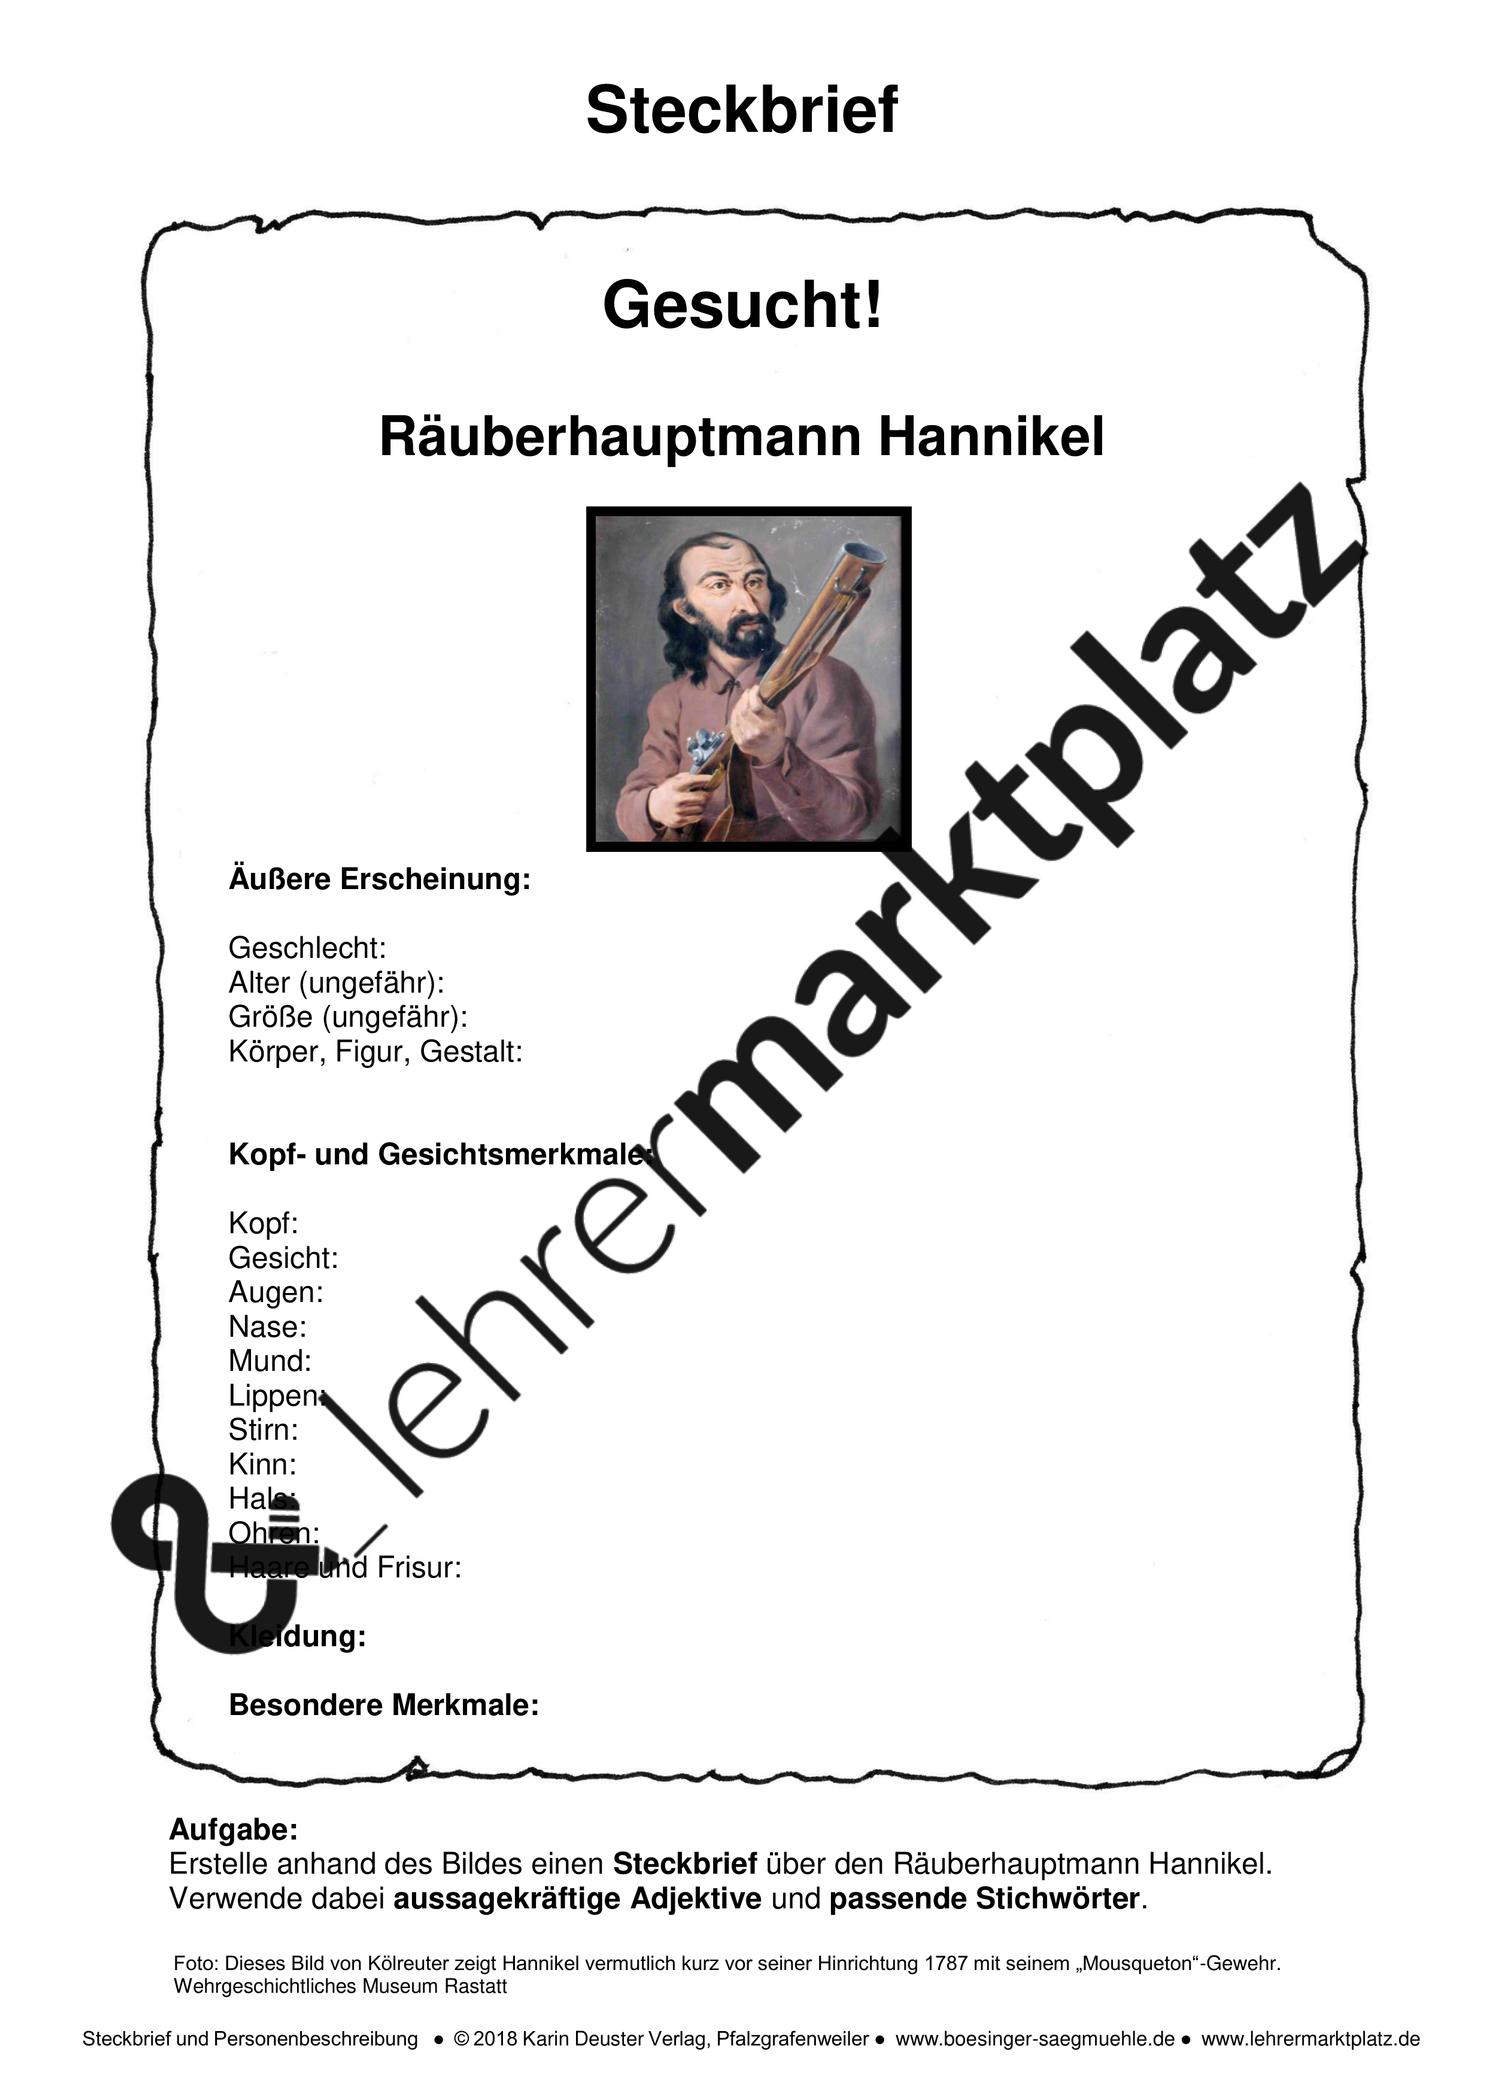 Steckbrief Und Personenbeschreibung Der Historische Rauber Hannikel Aus Dem Schwarzwald Unterrichtsmaterial Im Fach Deutsch Personenbeschreibung Steckbrief Rauber